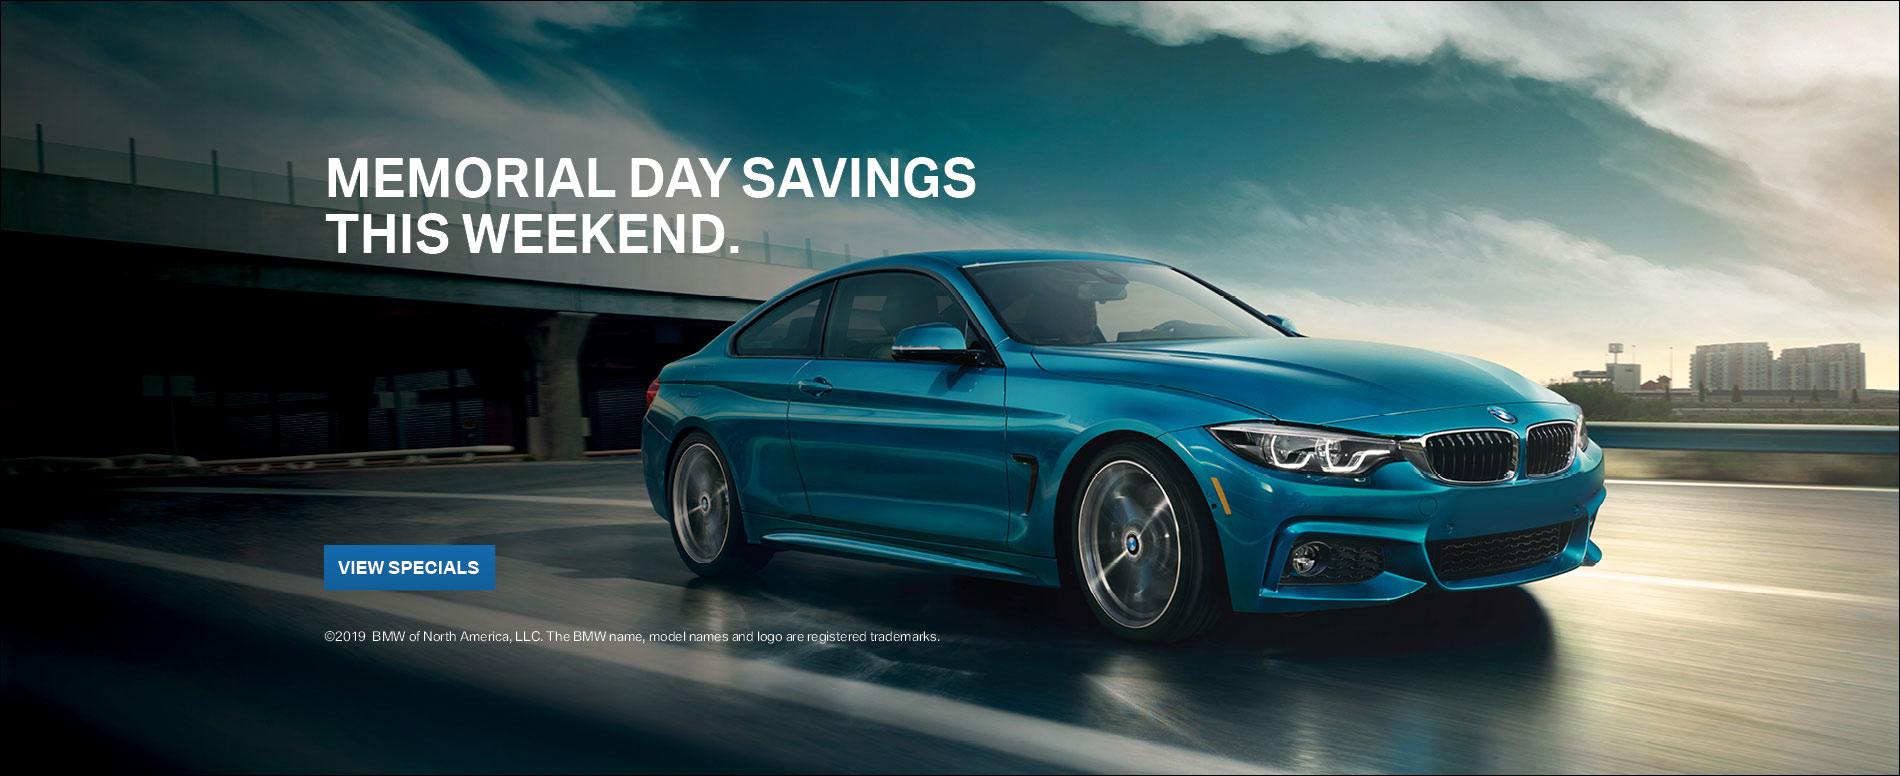 BMW-MemorialDay2019